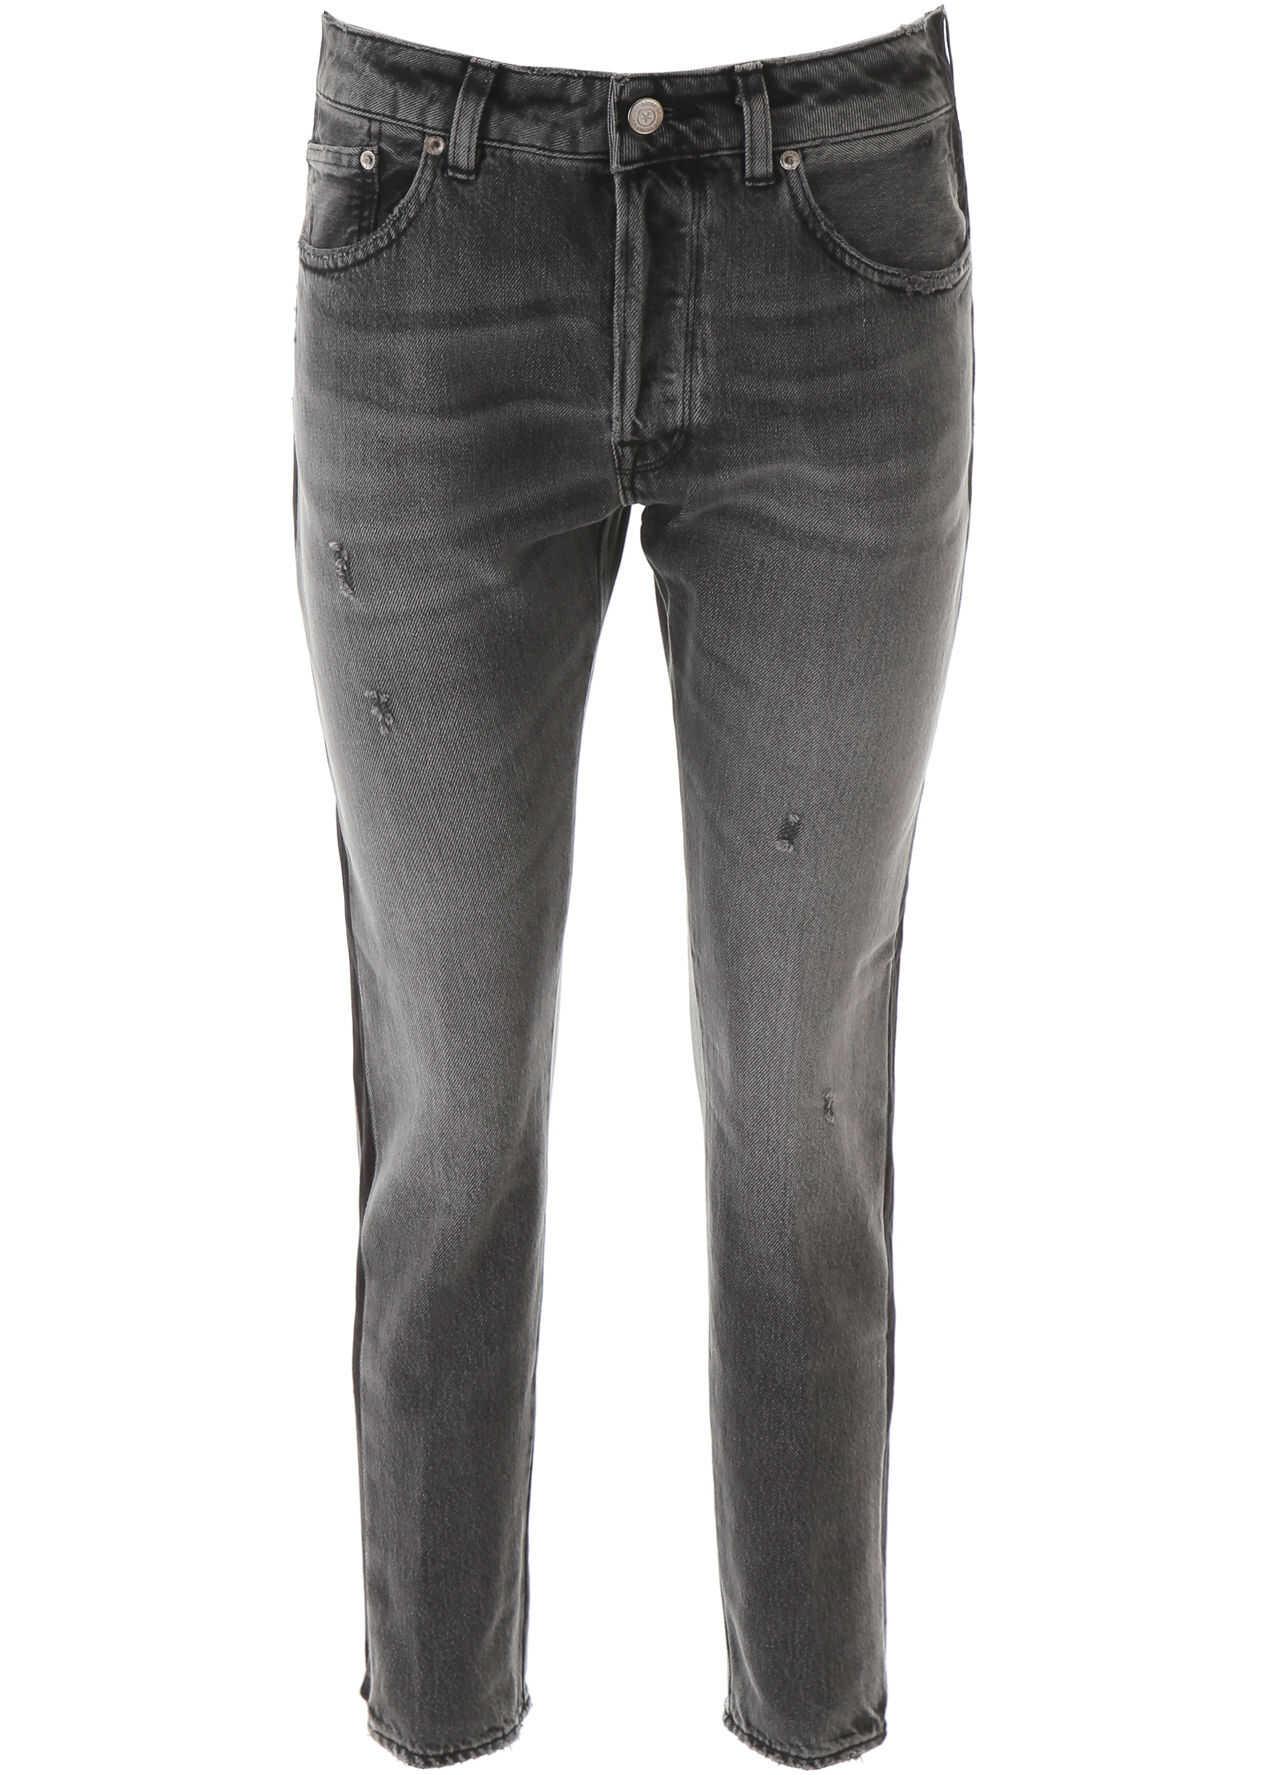 Golden Goose Jolly Jeans GREY BLACK SIDE